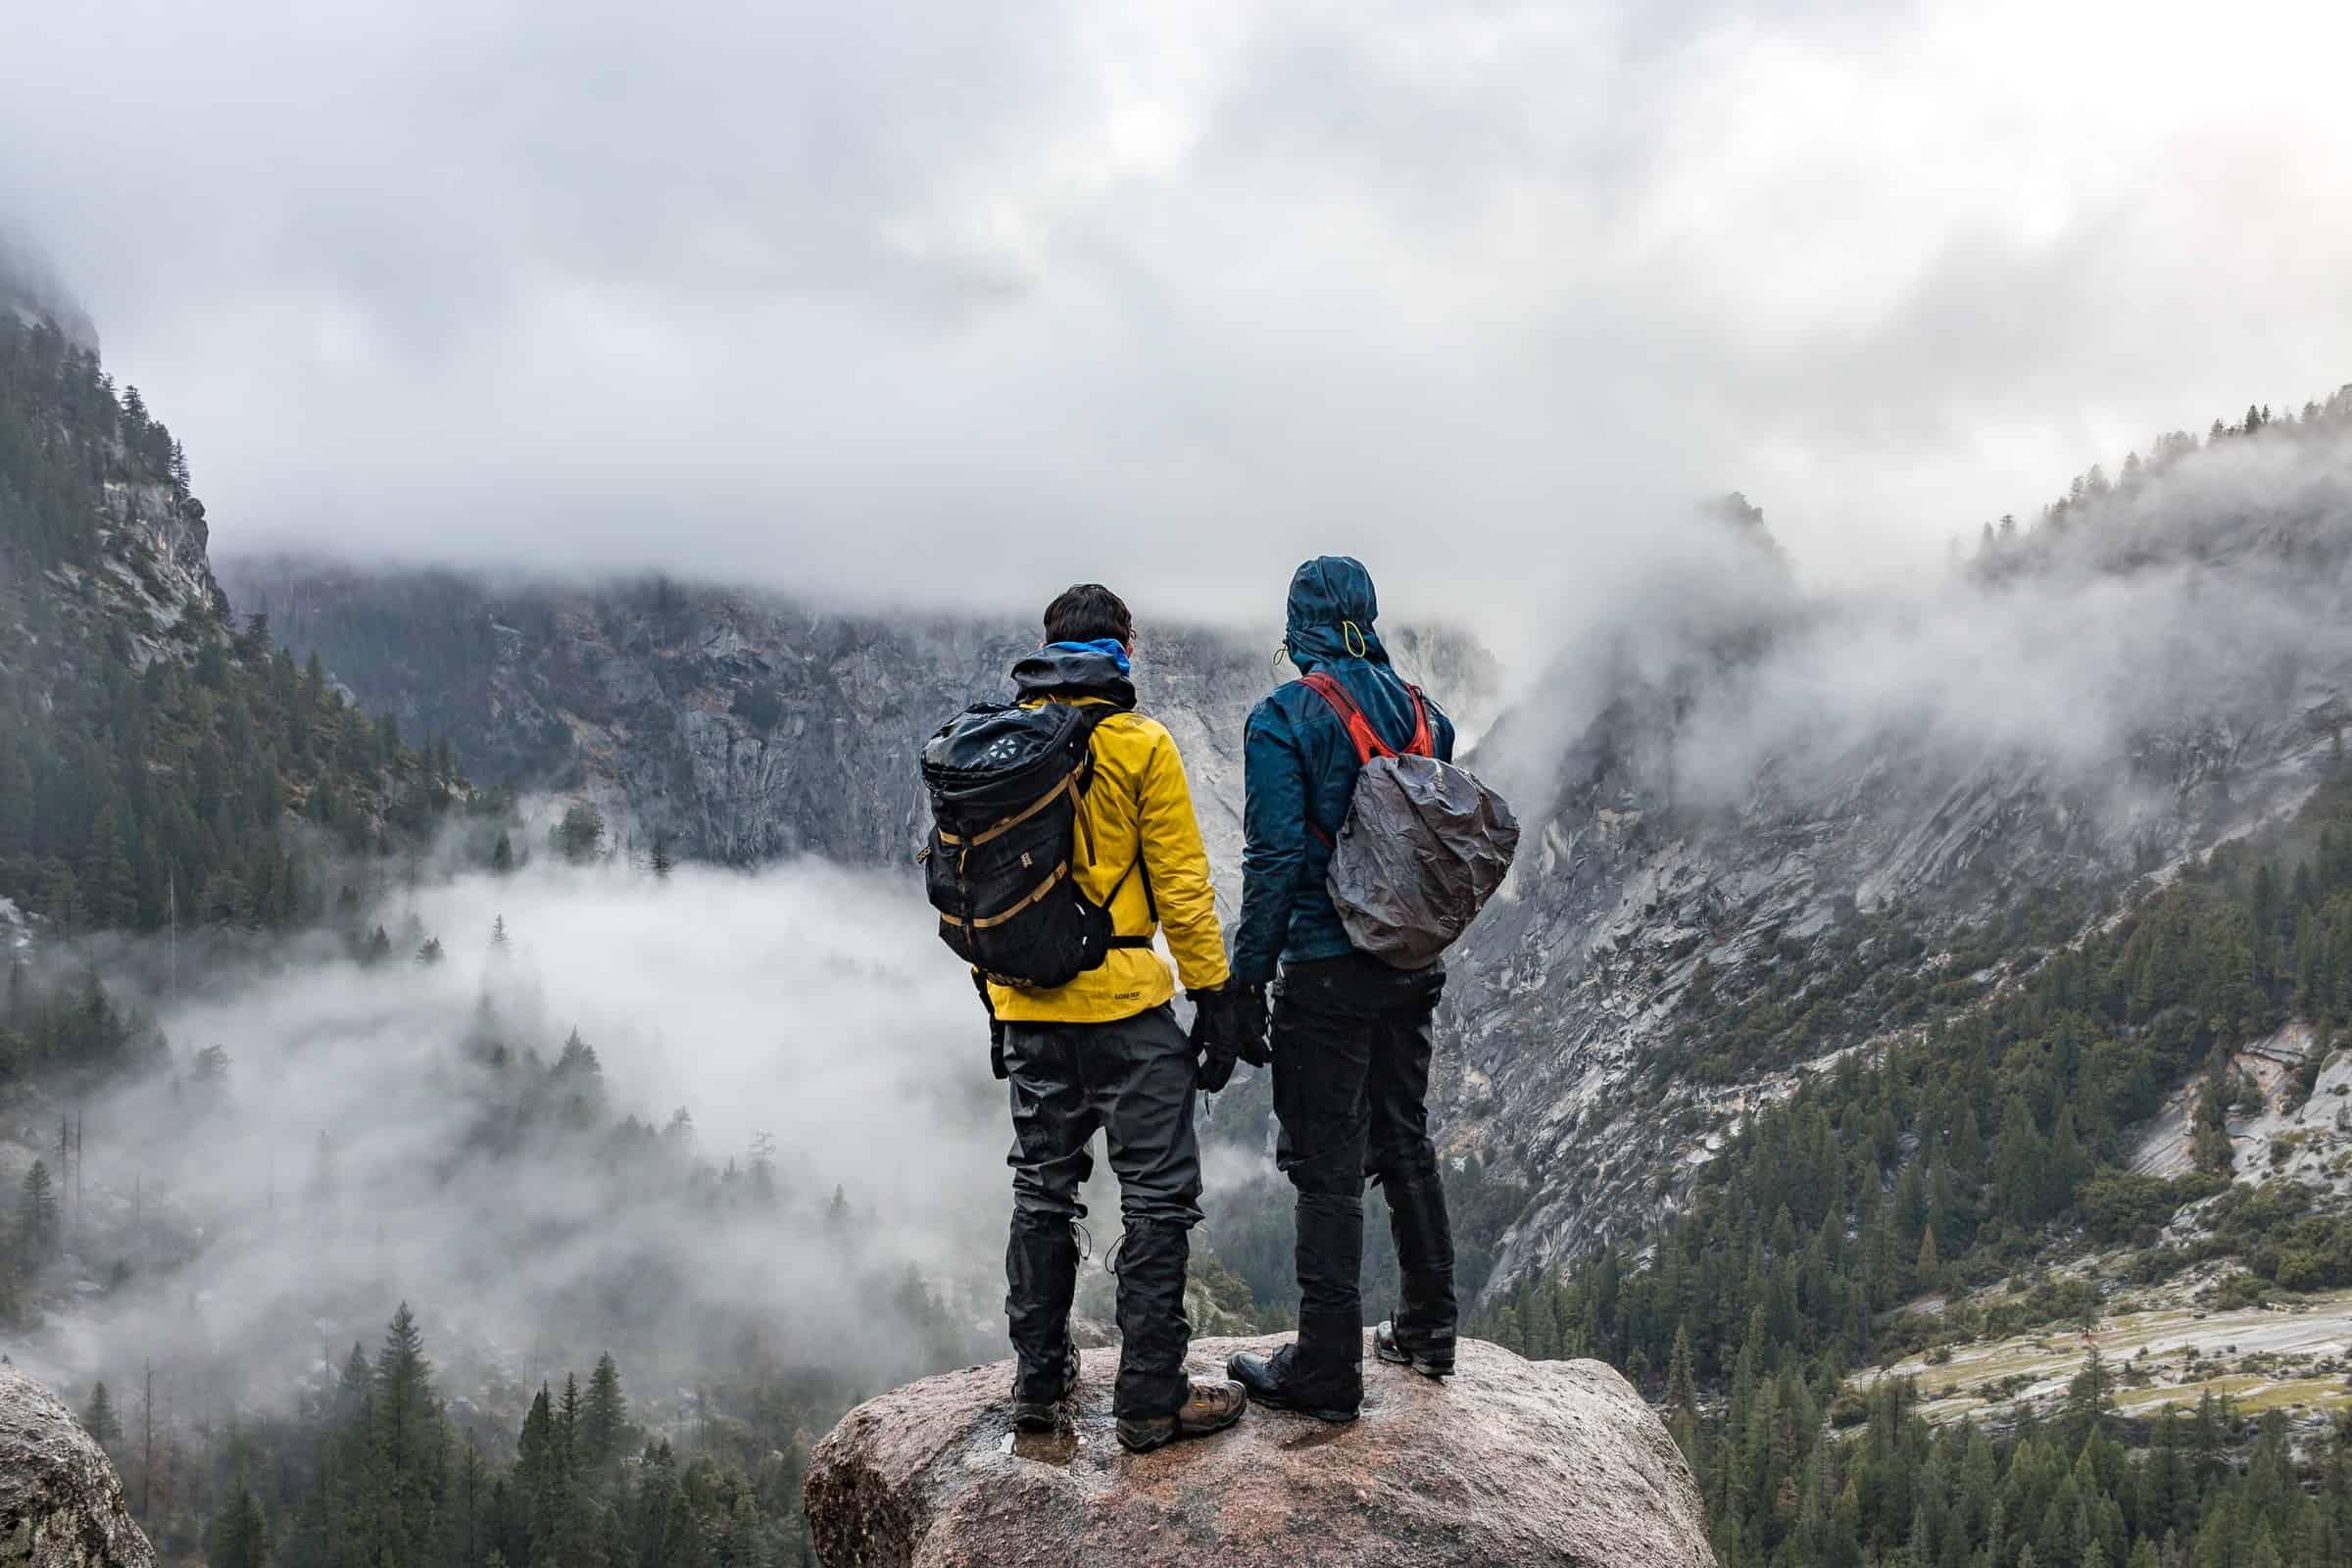 randonneurs-au-sommet-d-une-montagne